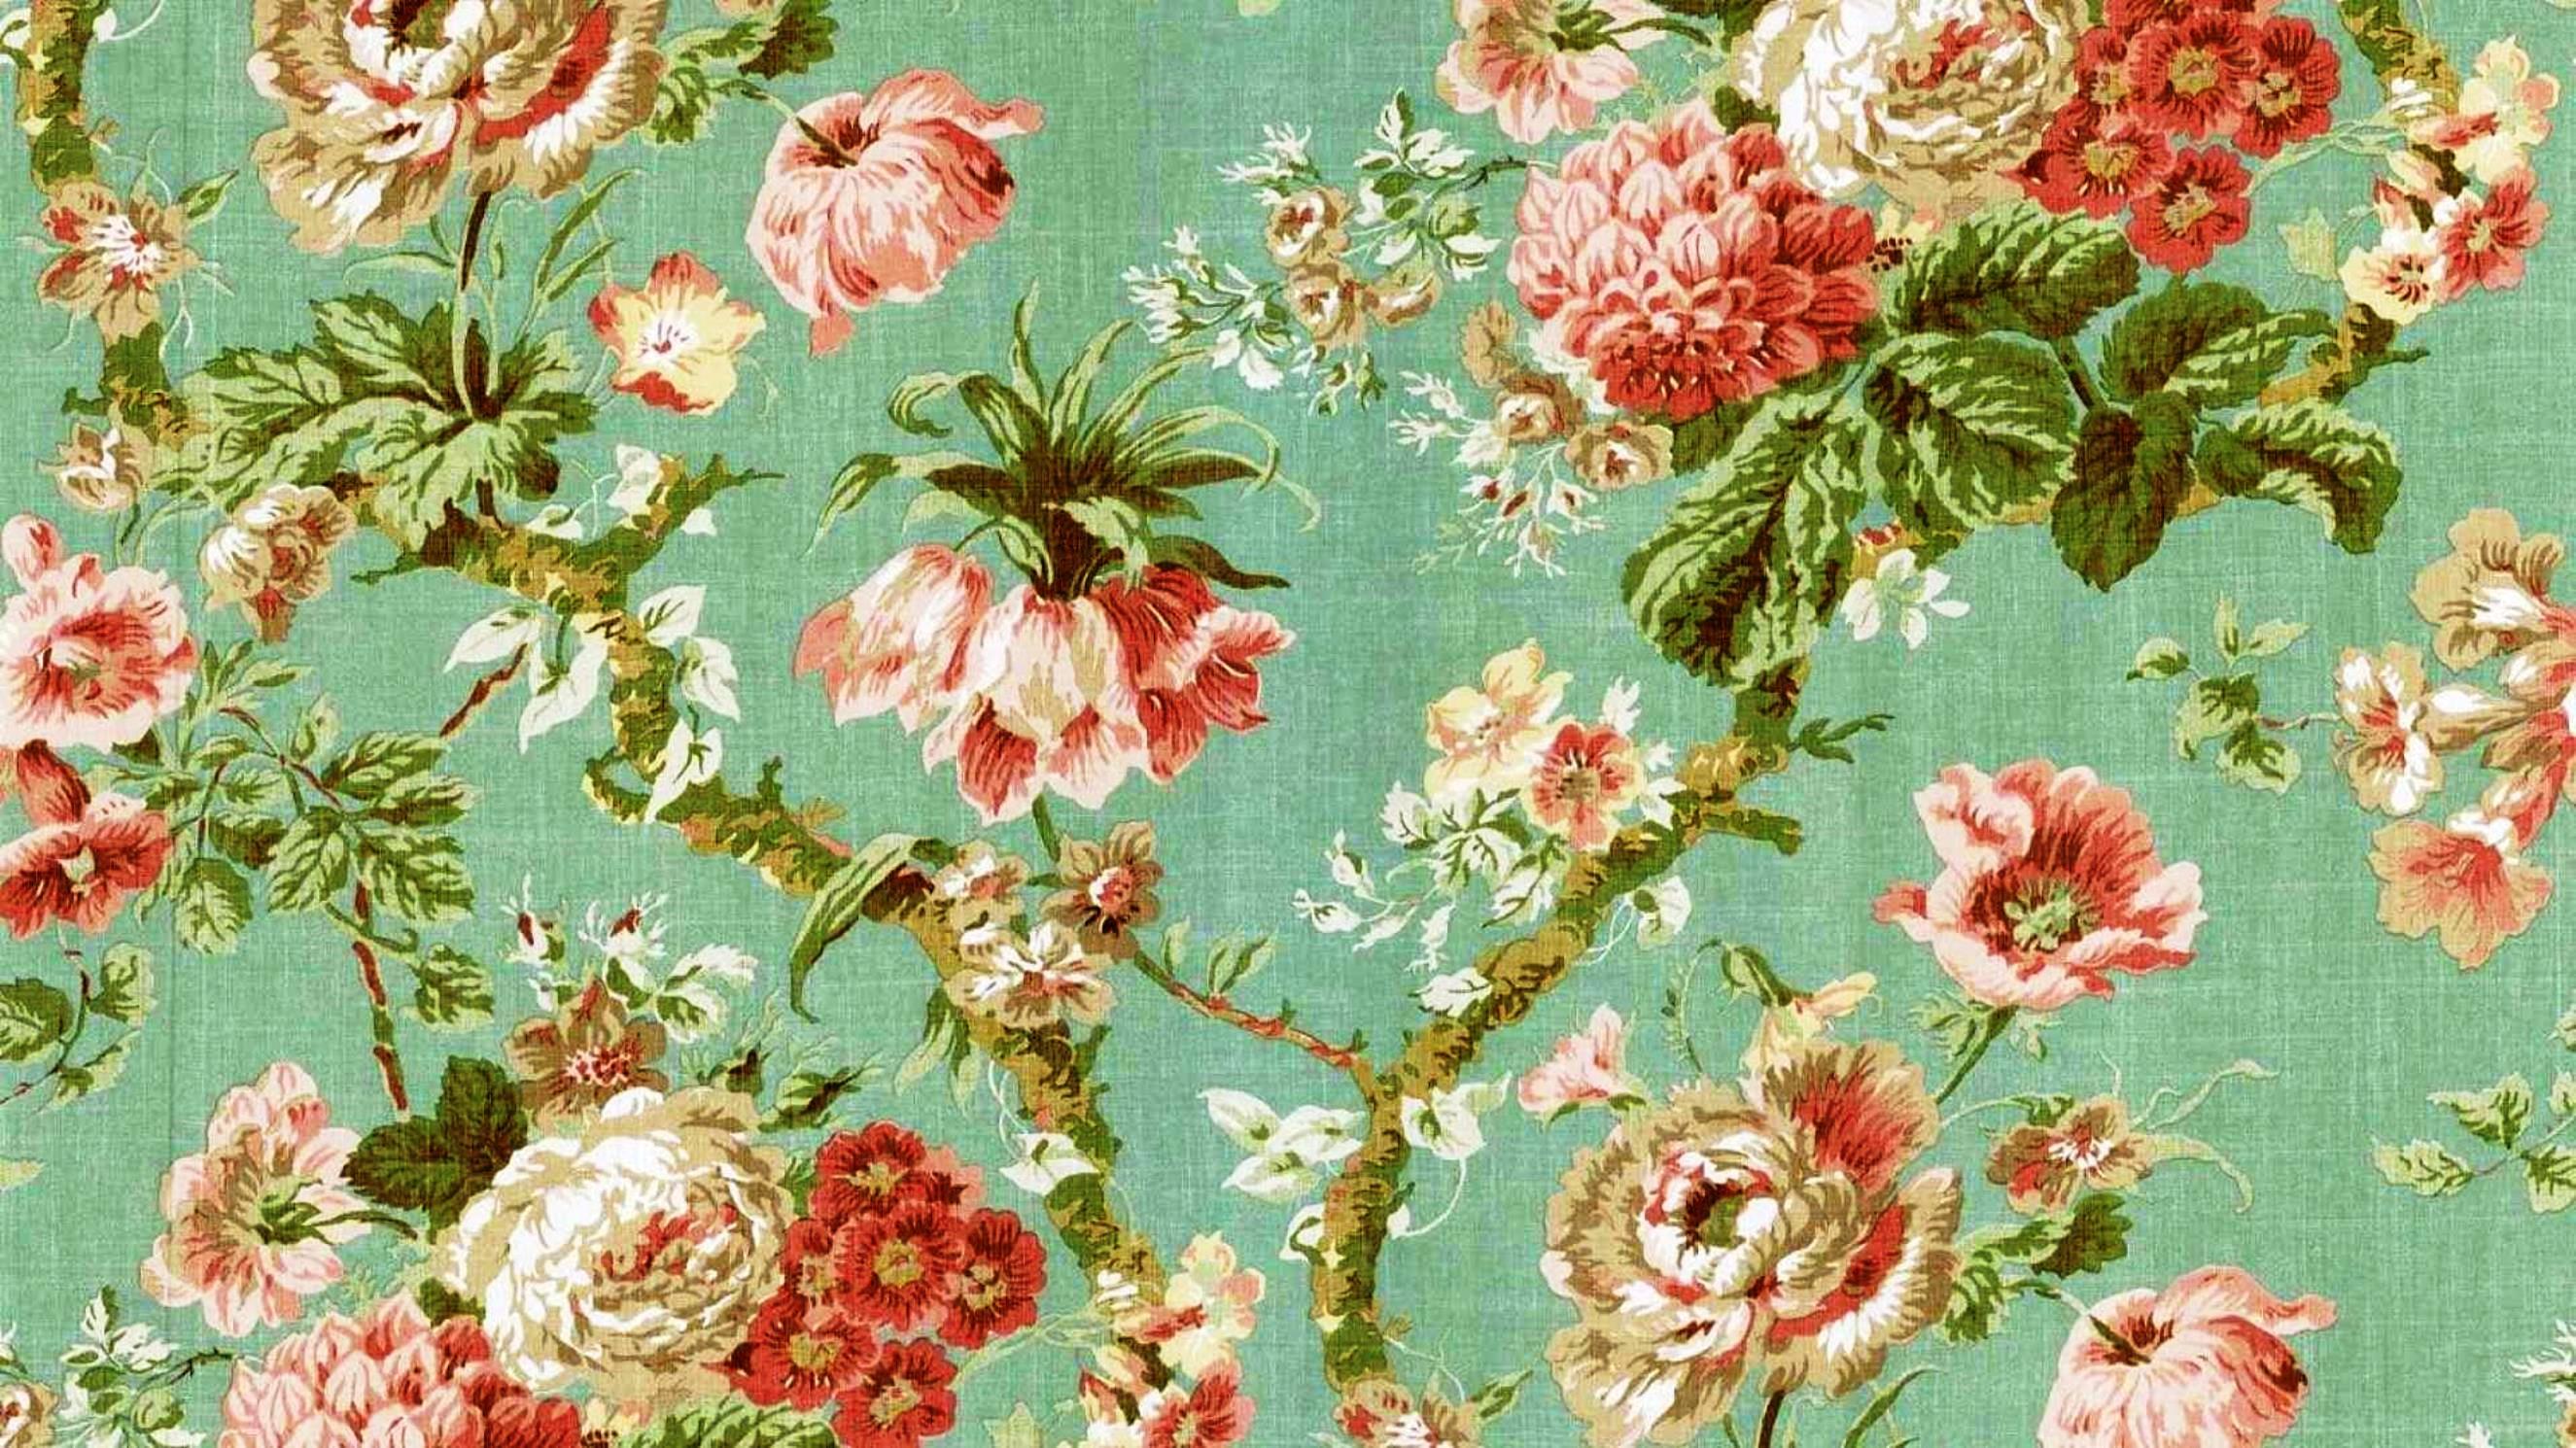 Vintage Floral Backgrounds | PixelsTalk.Net